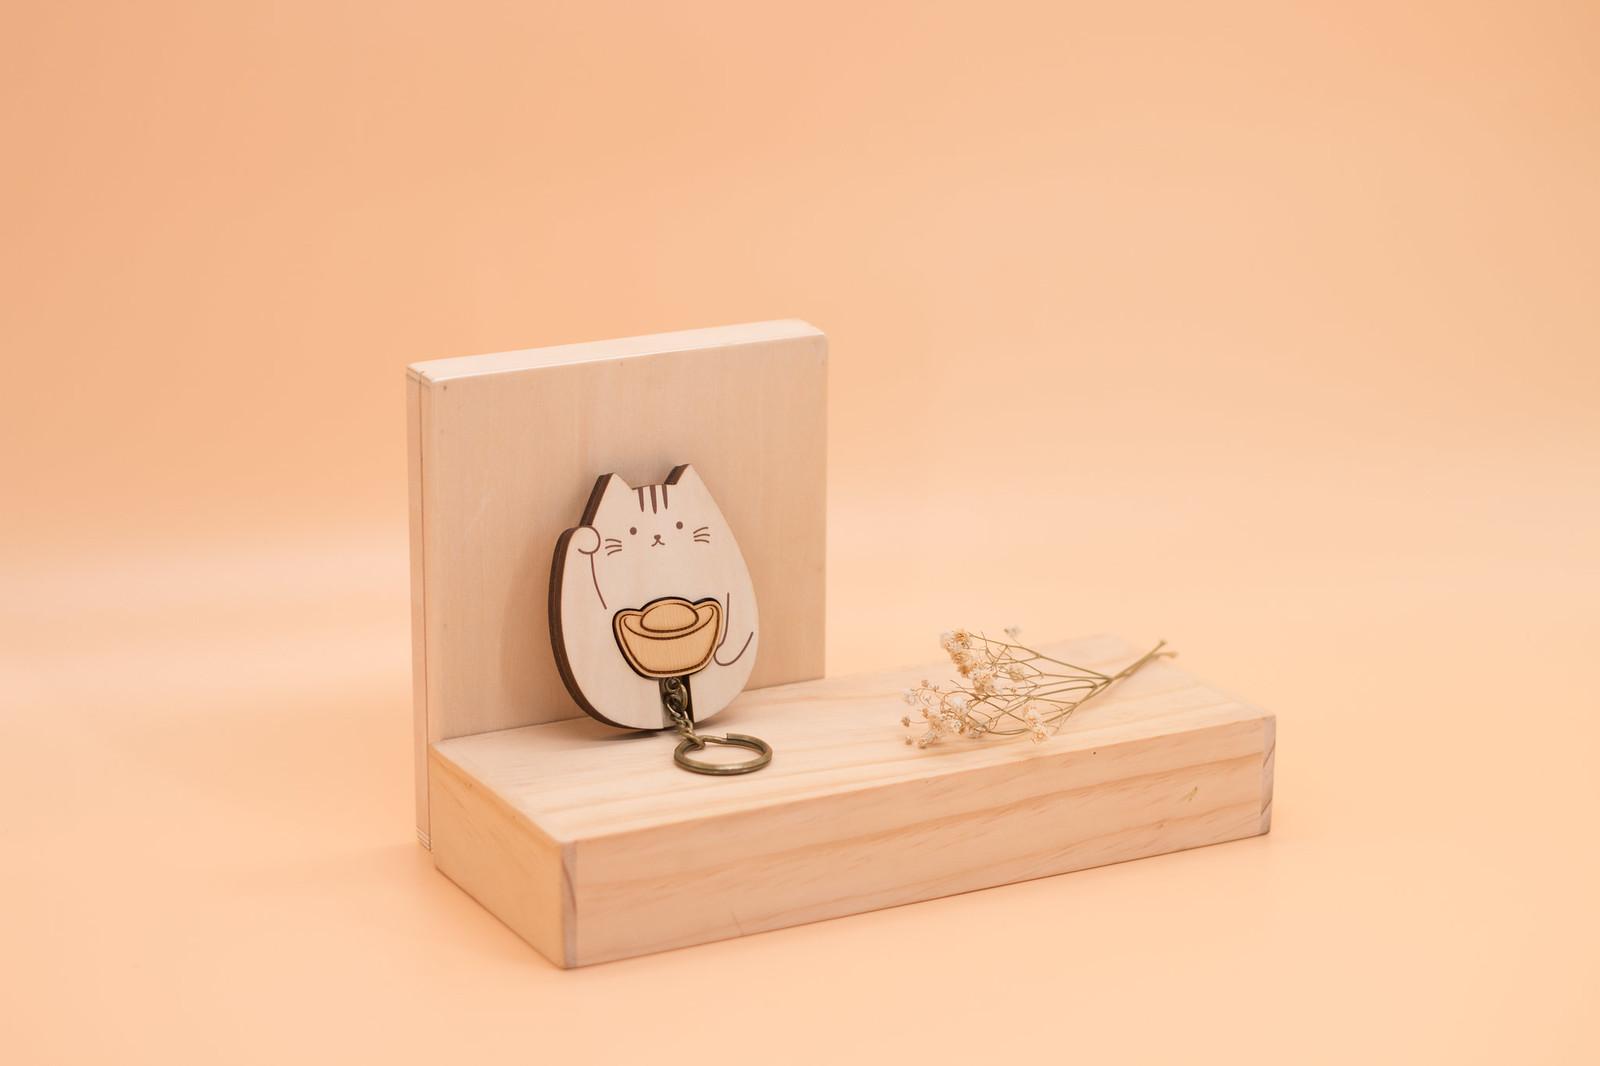 鑰匙圈 客製化 禮物 特色產品 居家 台灣設計 生日 情人節 動物 療癒 貓咪 日本 喵 招財 聖誕節 收納 裝飾 吊飾 送禮 中性 木 楓木 胡桃木 鑰匙